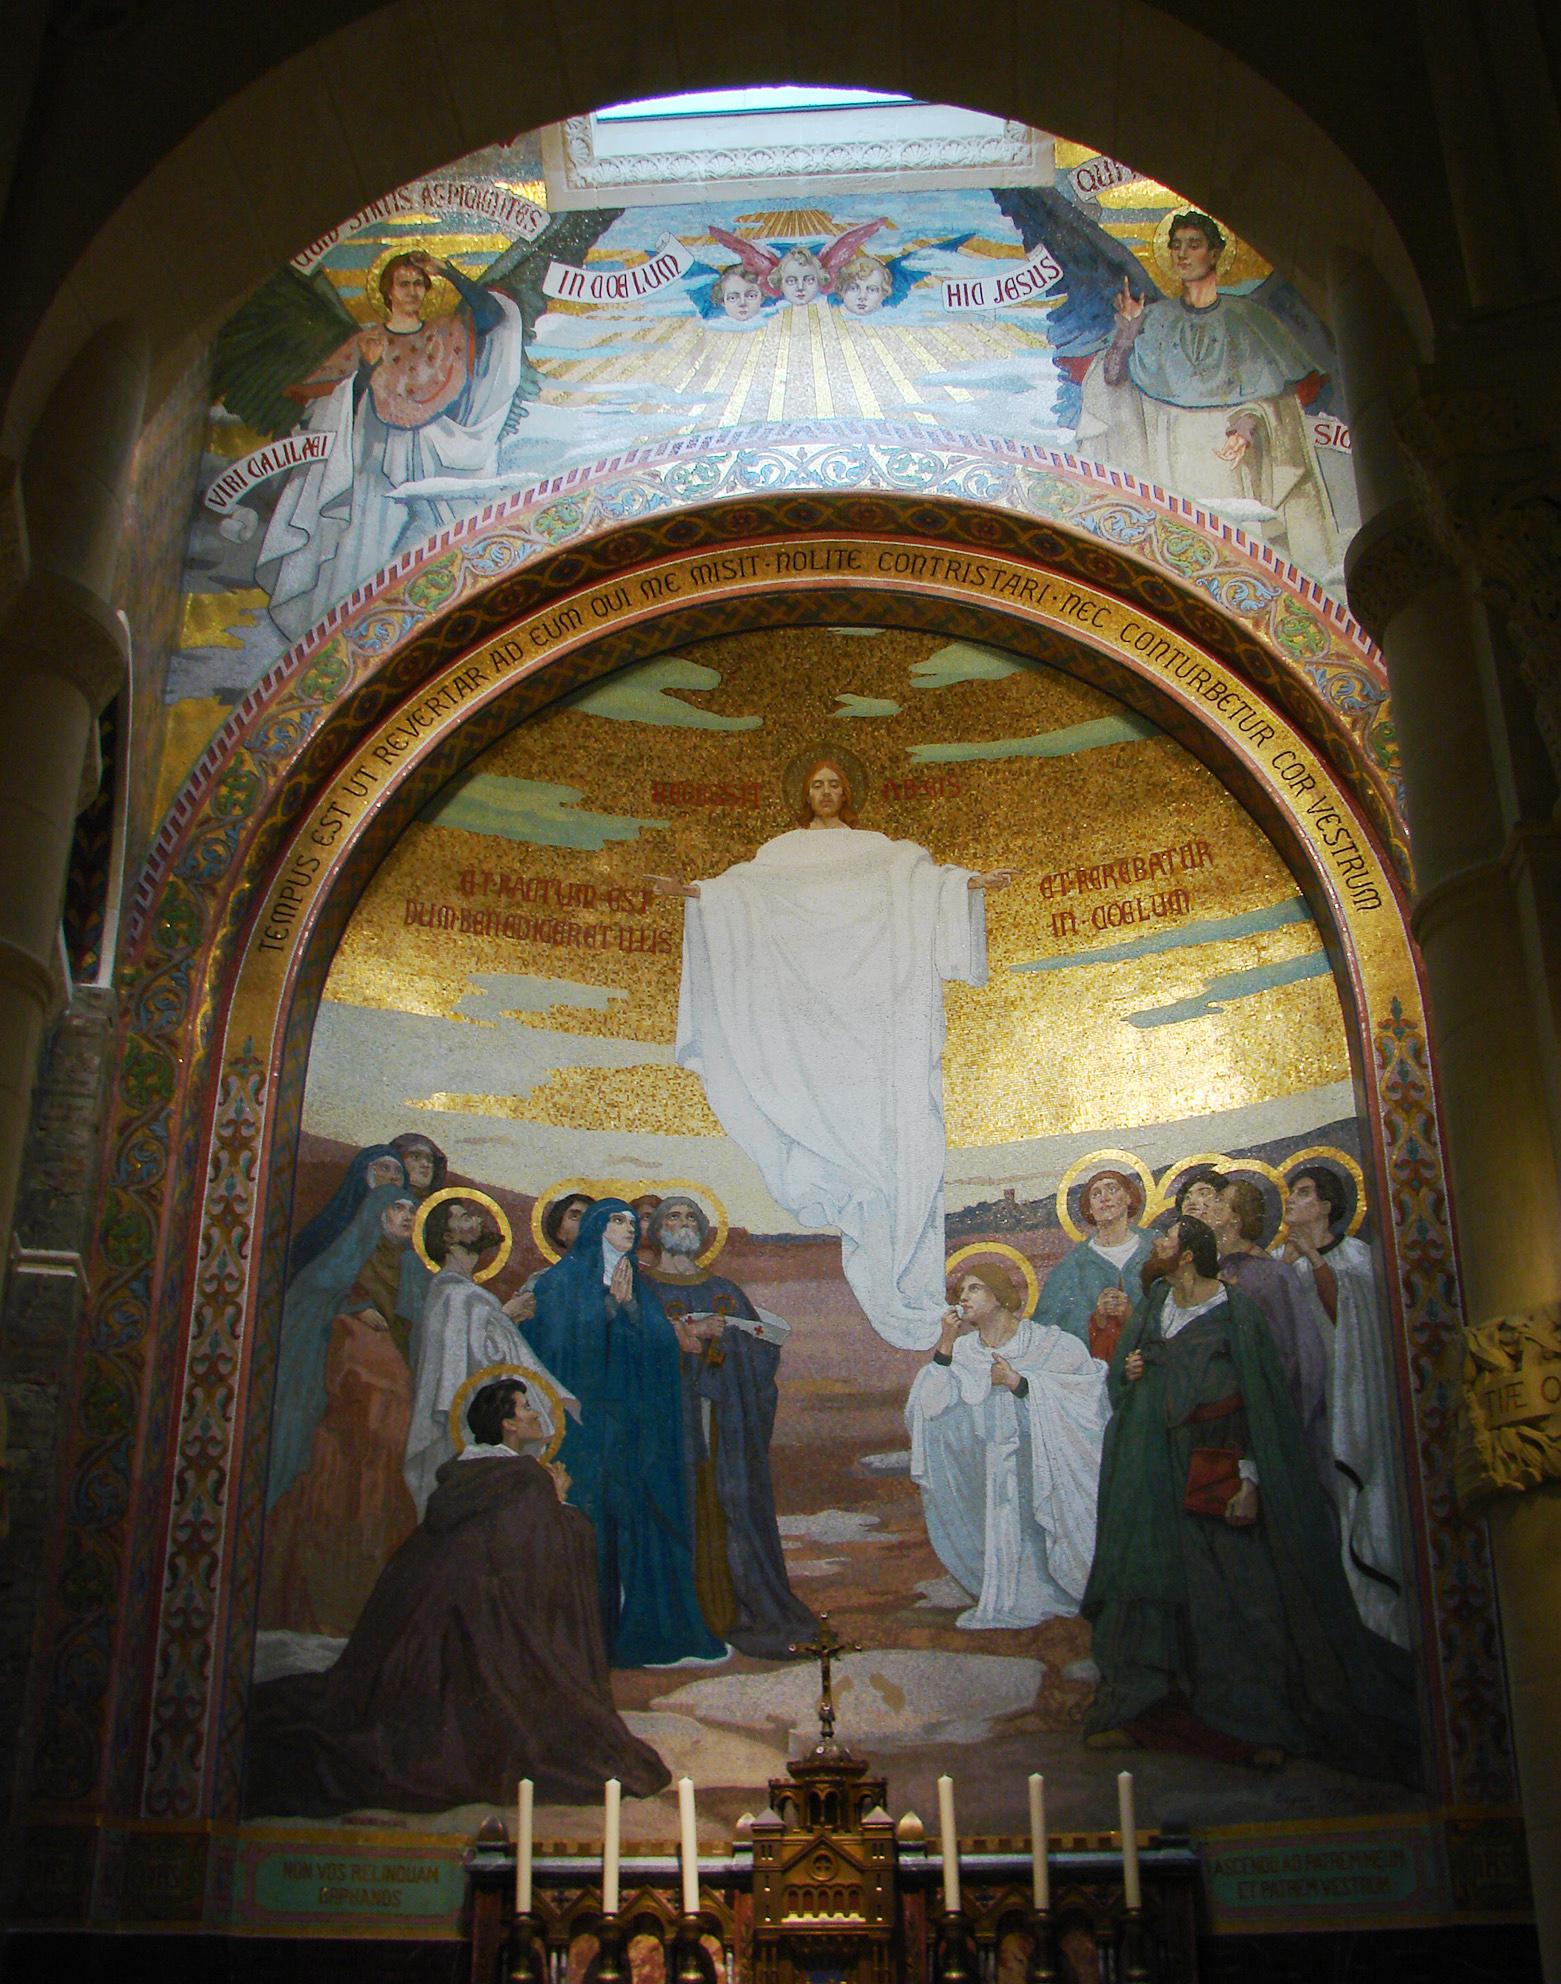 Mosaïque d'une des chapelles de la Basilique Notre-Dame du Rosaire (niveau inférieur) : l'Ascension. dans images sacrée ND_Rosaire_mosa%C3%AFque_03